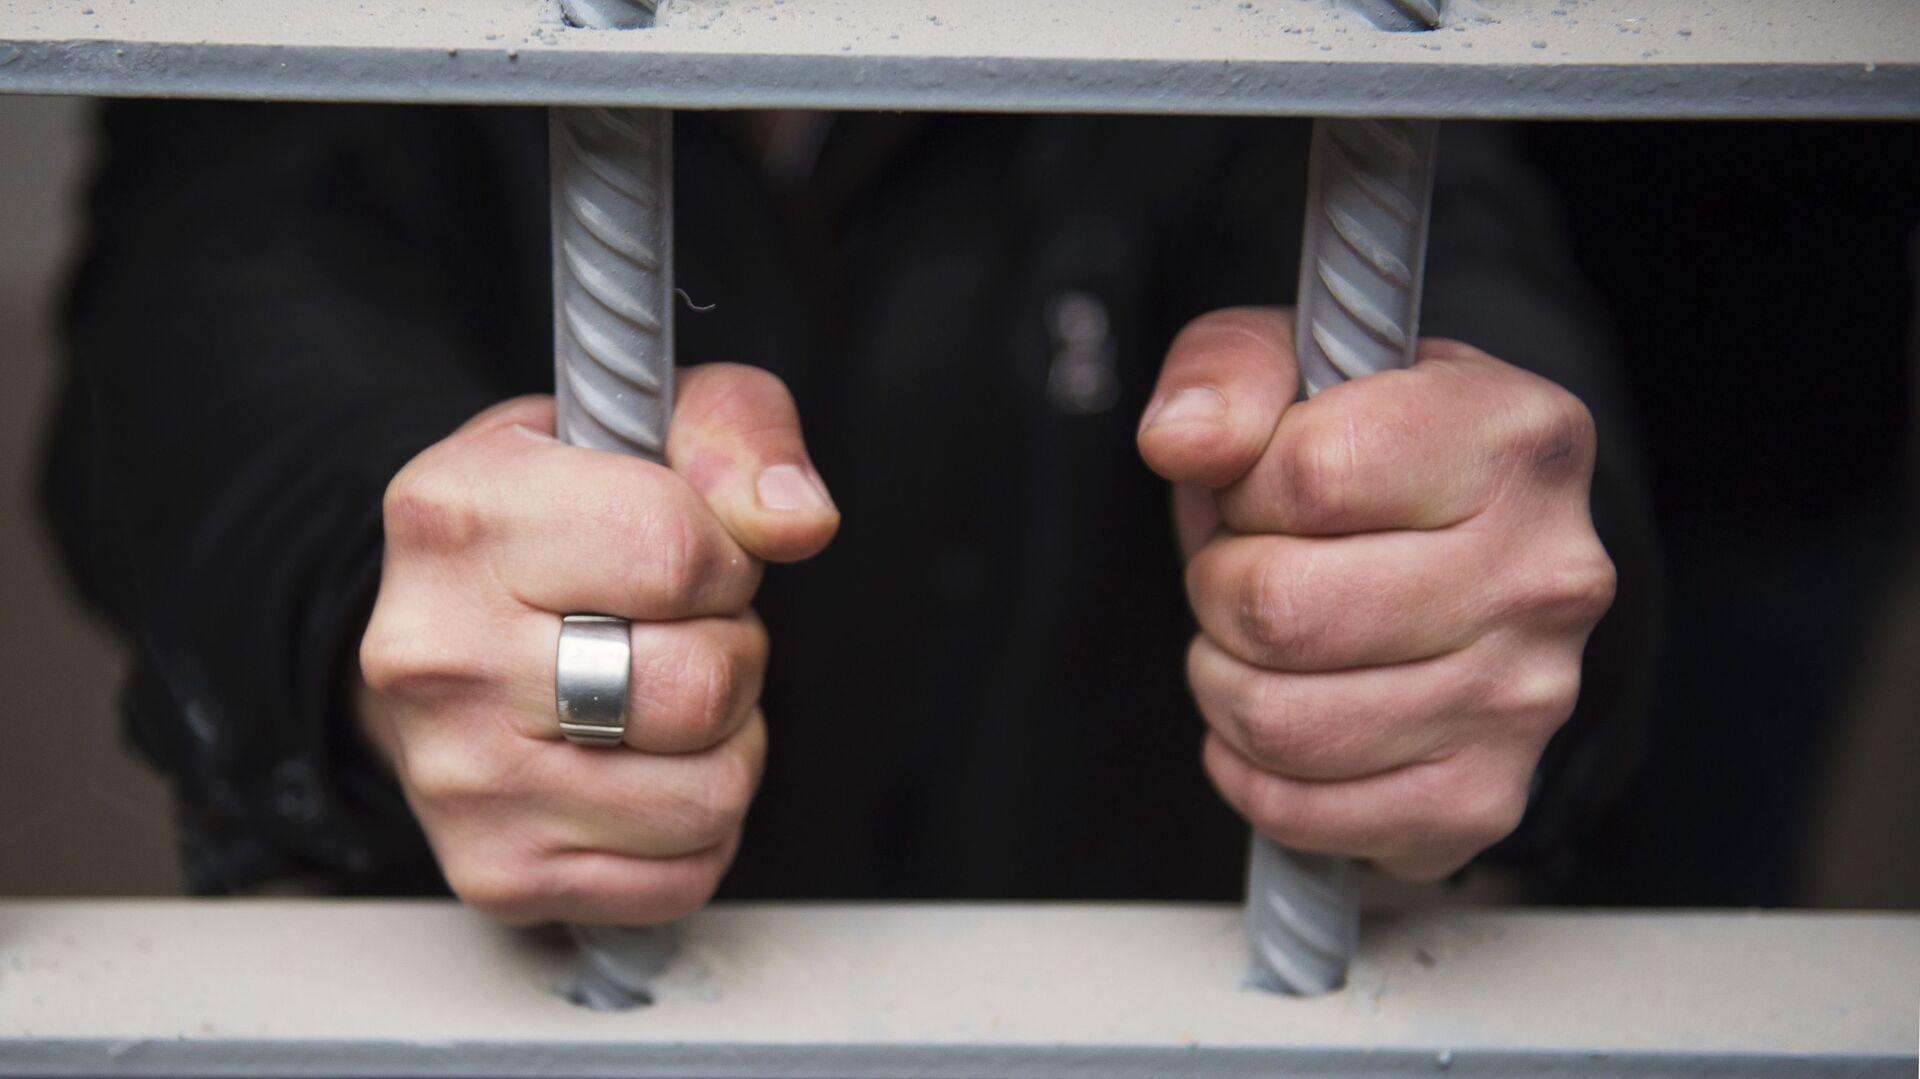 Заключенный в исправительной колонии - РИА Новости, 1920, 04.06.2021